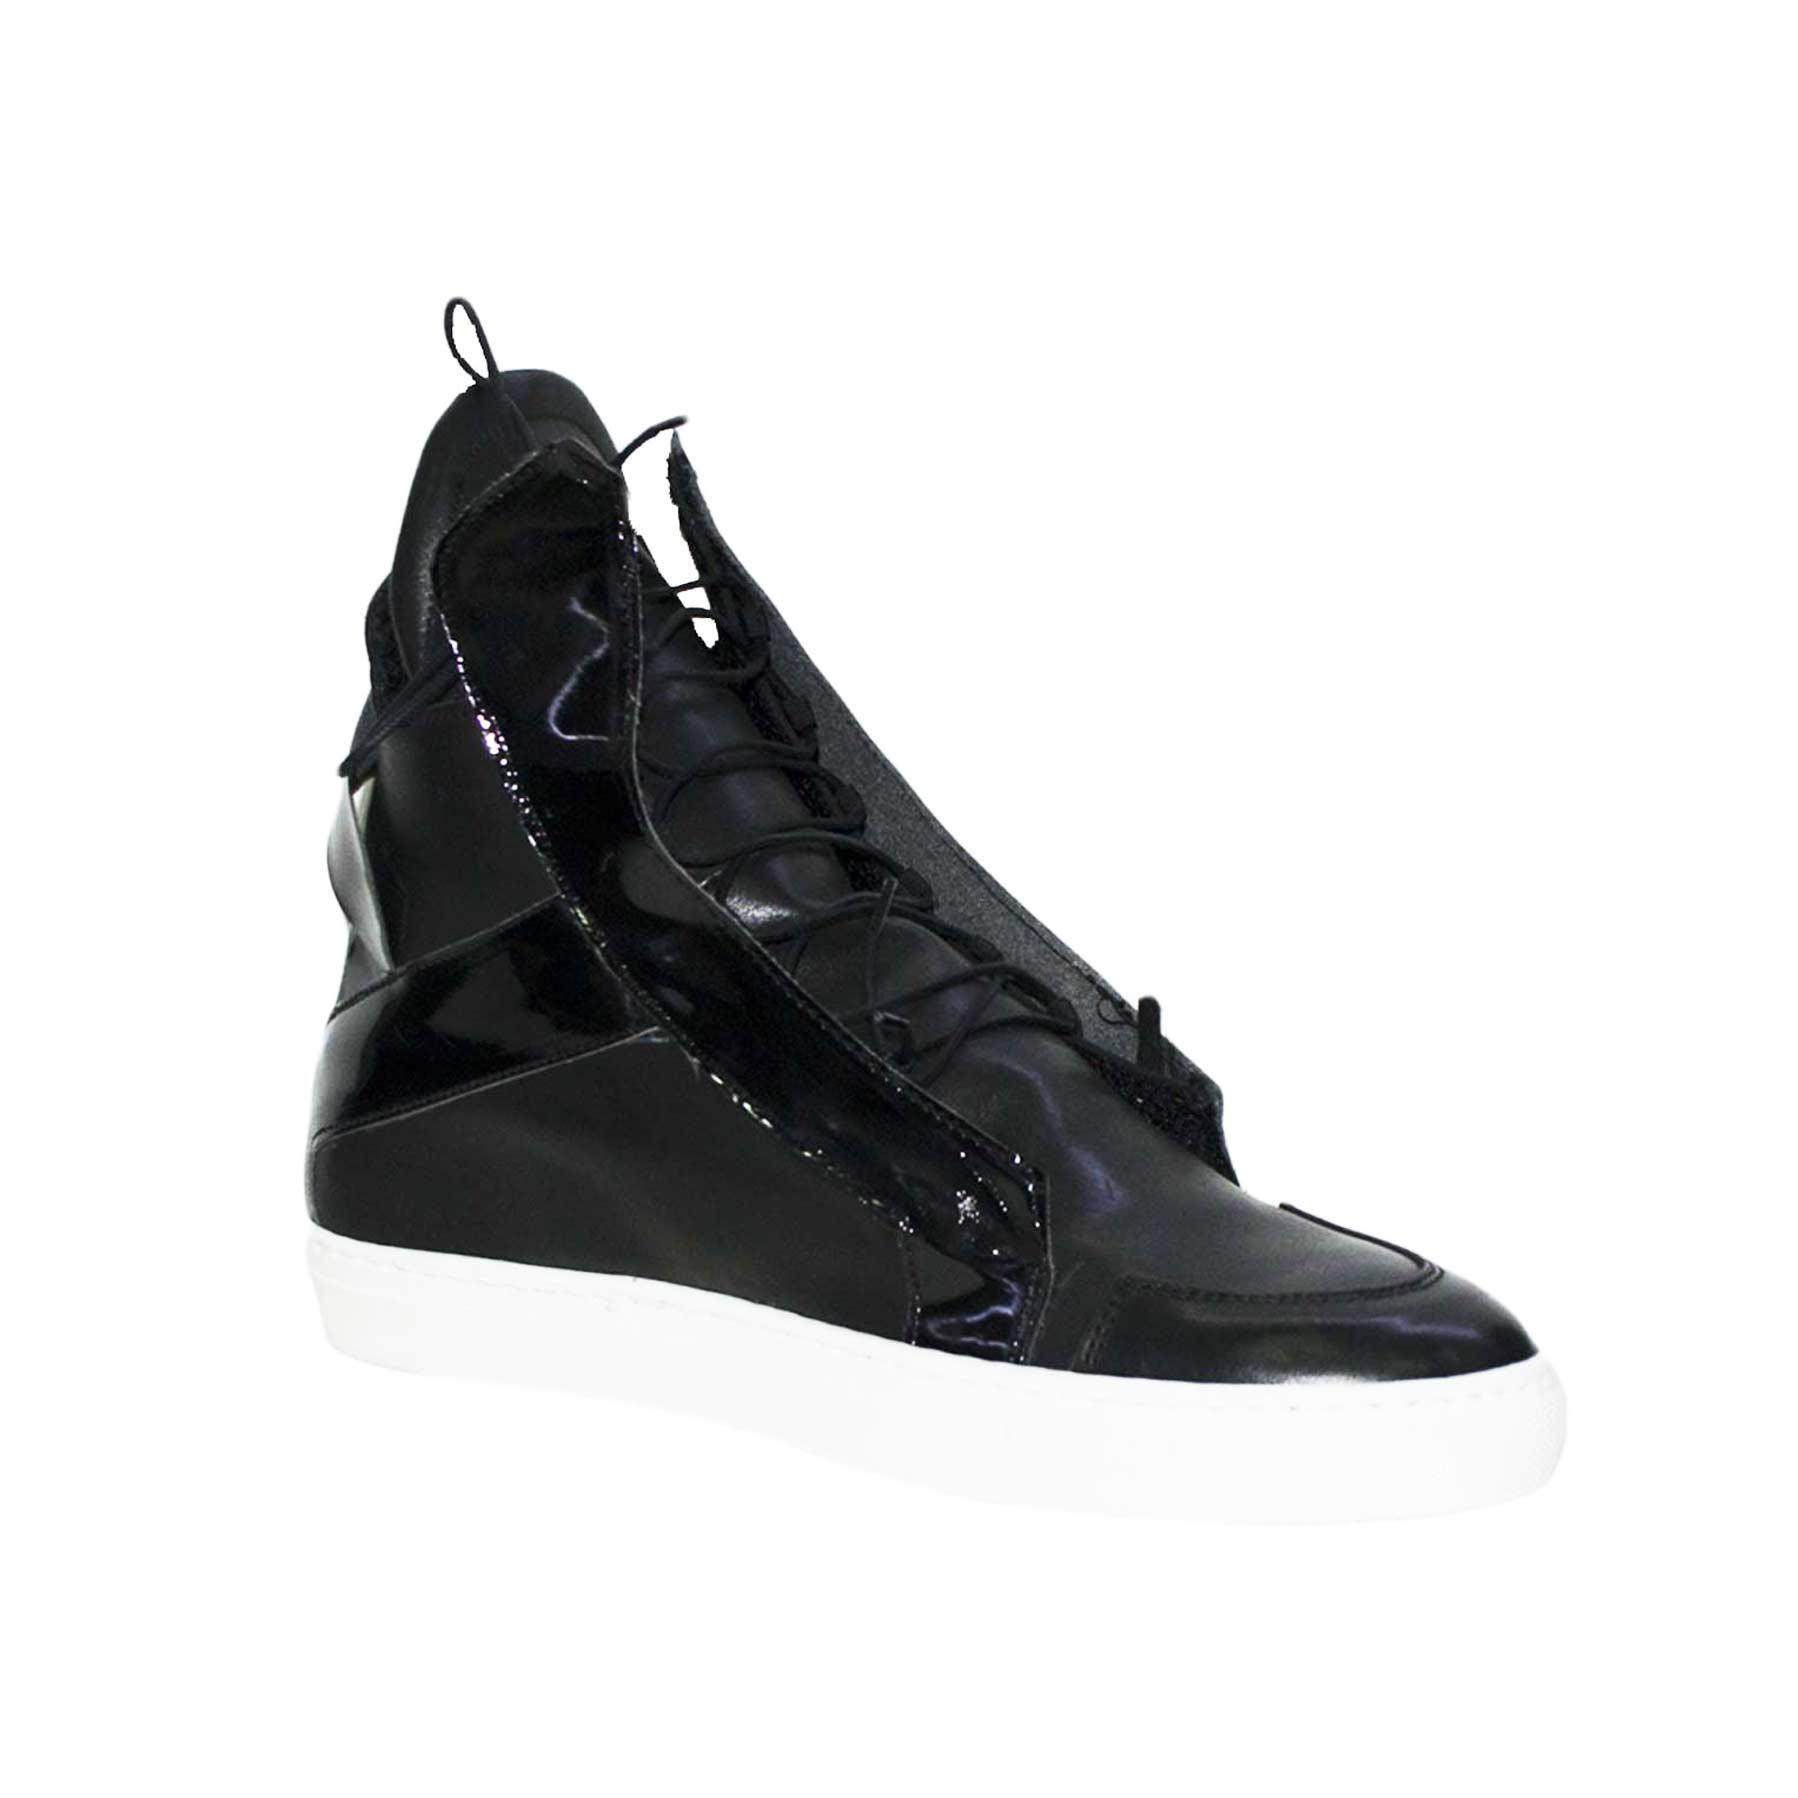 Sneakers alta scarpe uomo moda nero lacci interni vernice vera pelle ... 601c66c7d9f